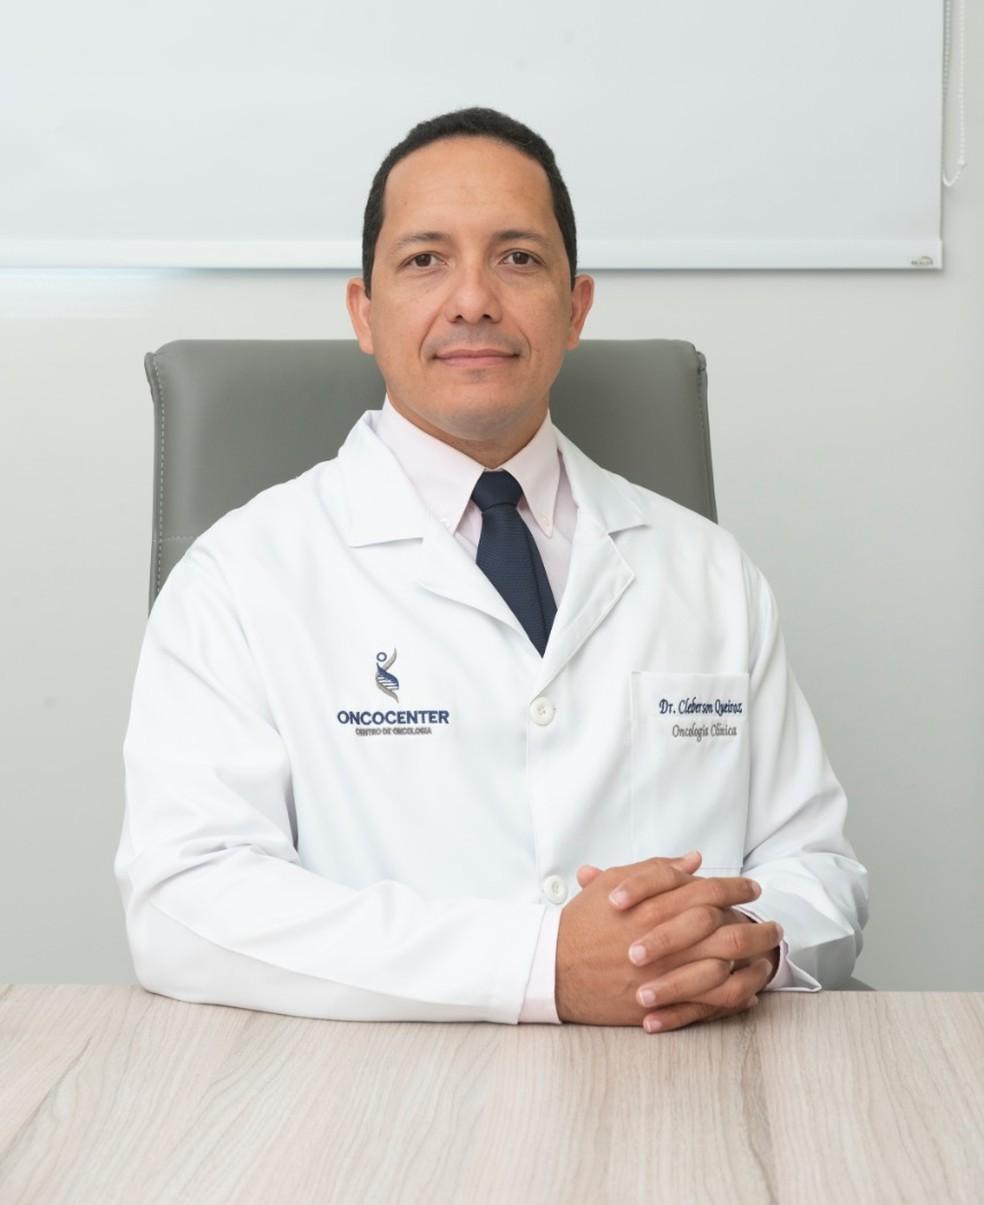 Médico oncologista Cleberson Queiroz alerta sobre a importância da prevenção — Foto: Assessoria